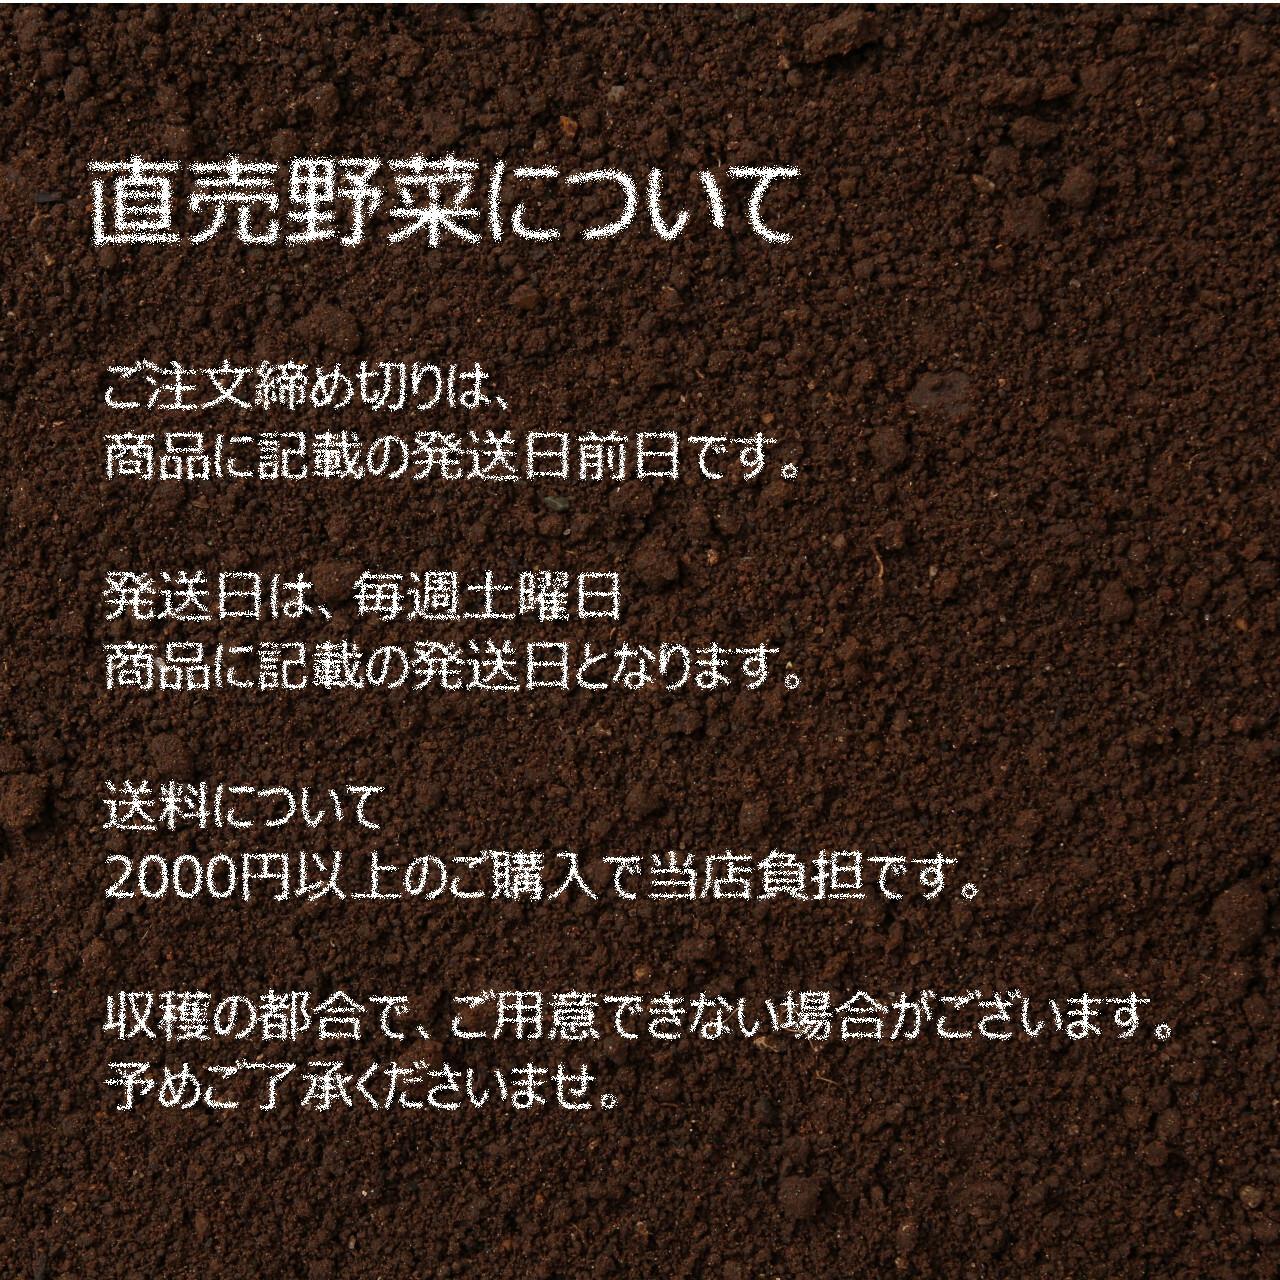 大葉 約100g : 6月の朝採り直売野菜 春の新鮮野菜 6月27日発送予定